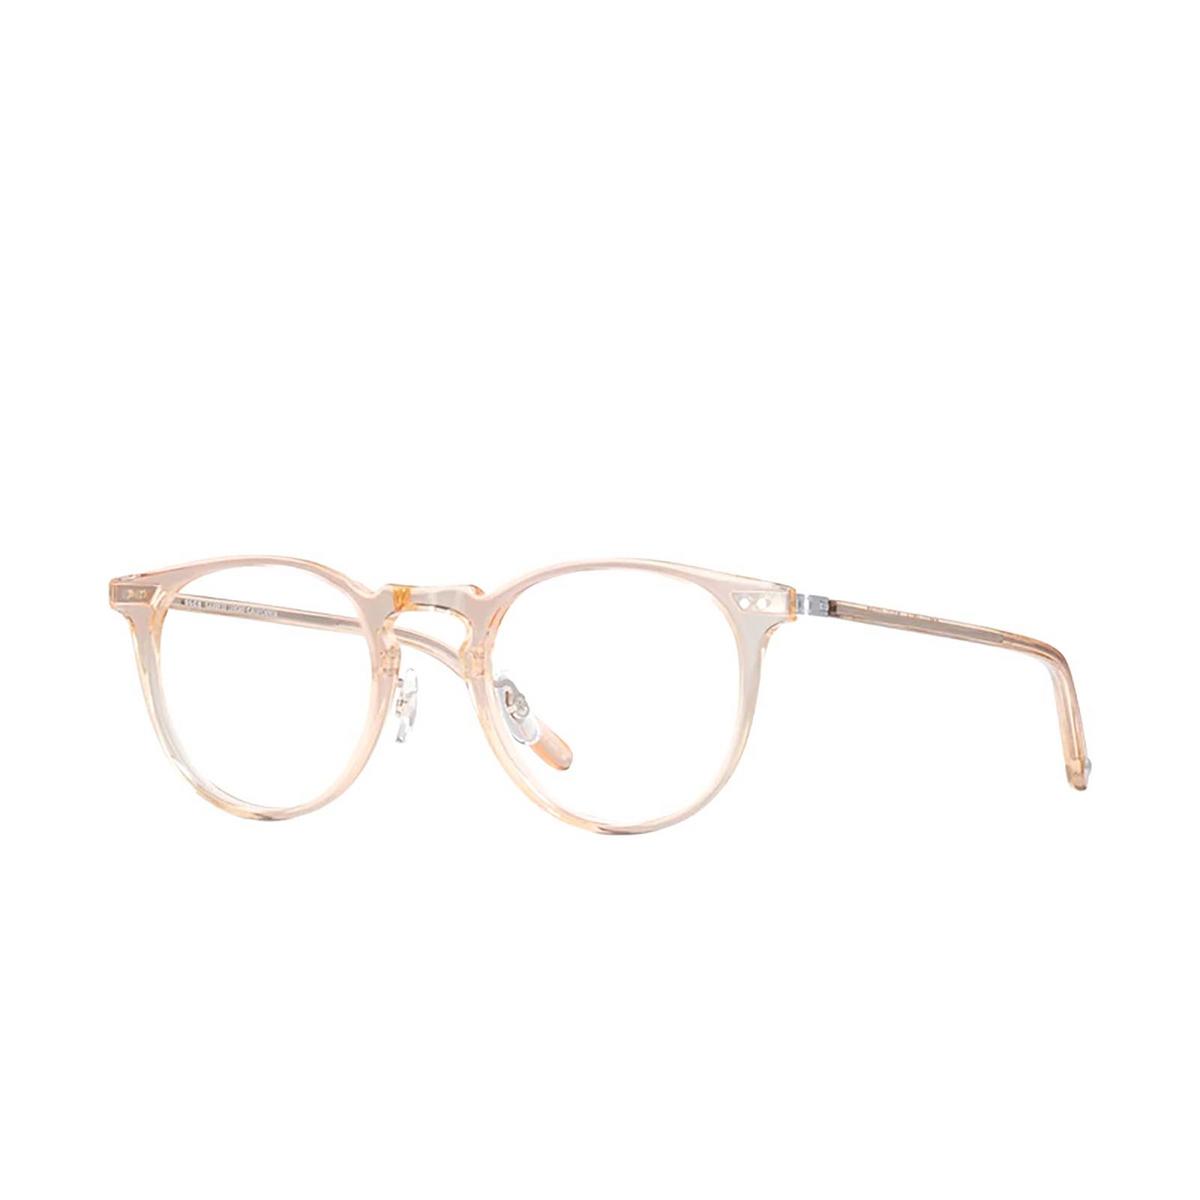 Garrett Leight® Round Eyeglasses: Ocean color Pink Crystal Pcy-rg.